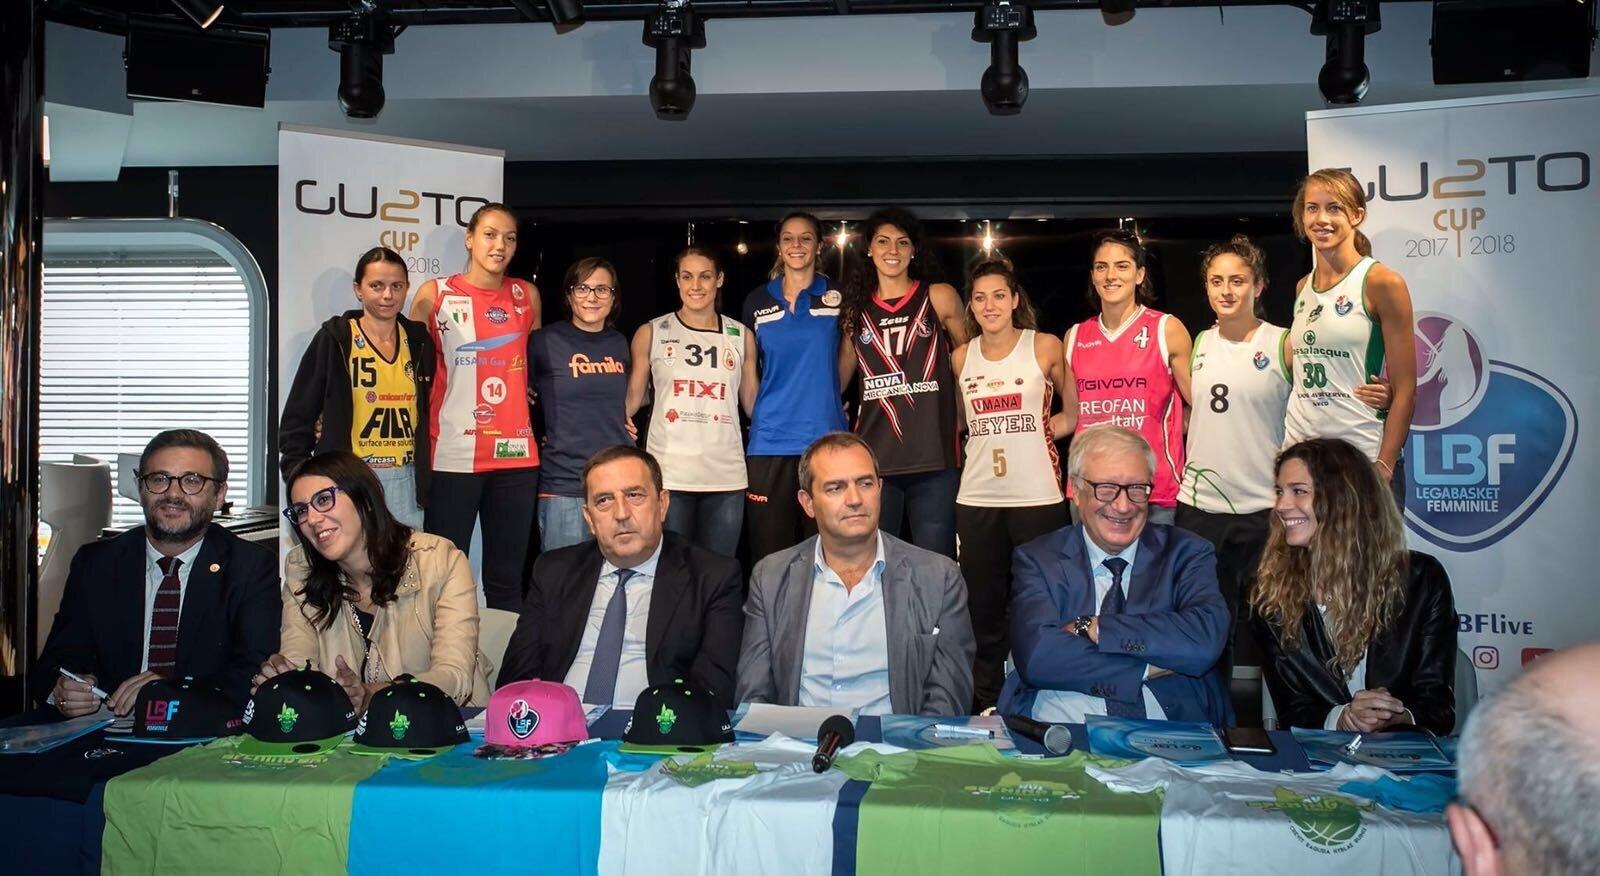 GU2TO, il nuovo marchio nel gemellaggio tra Alessandria e Siracusa